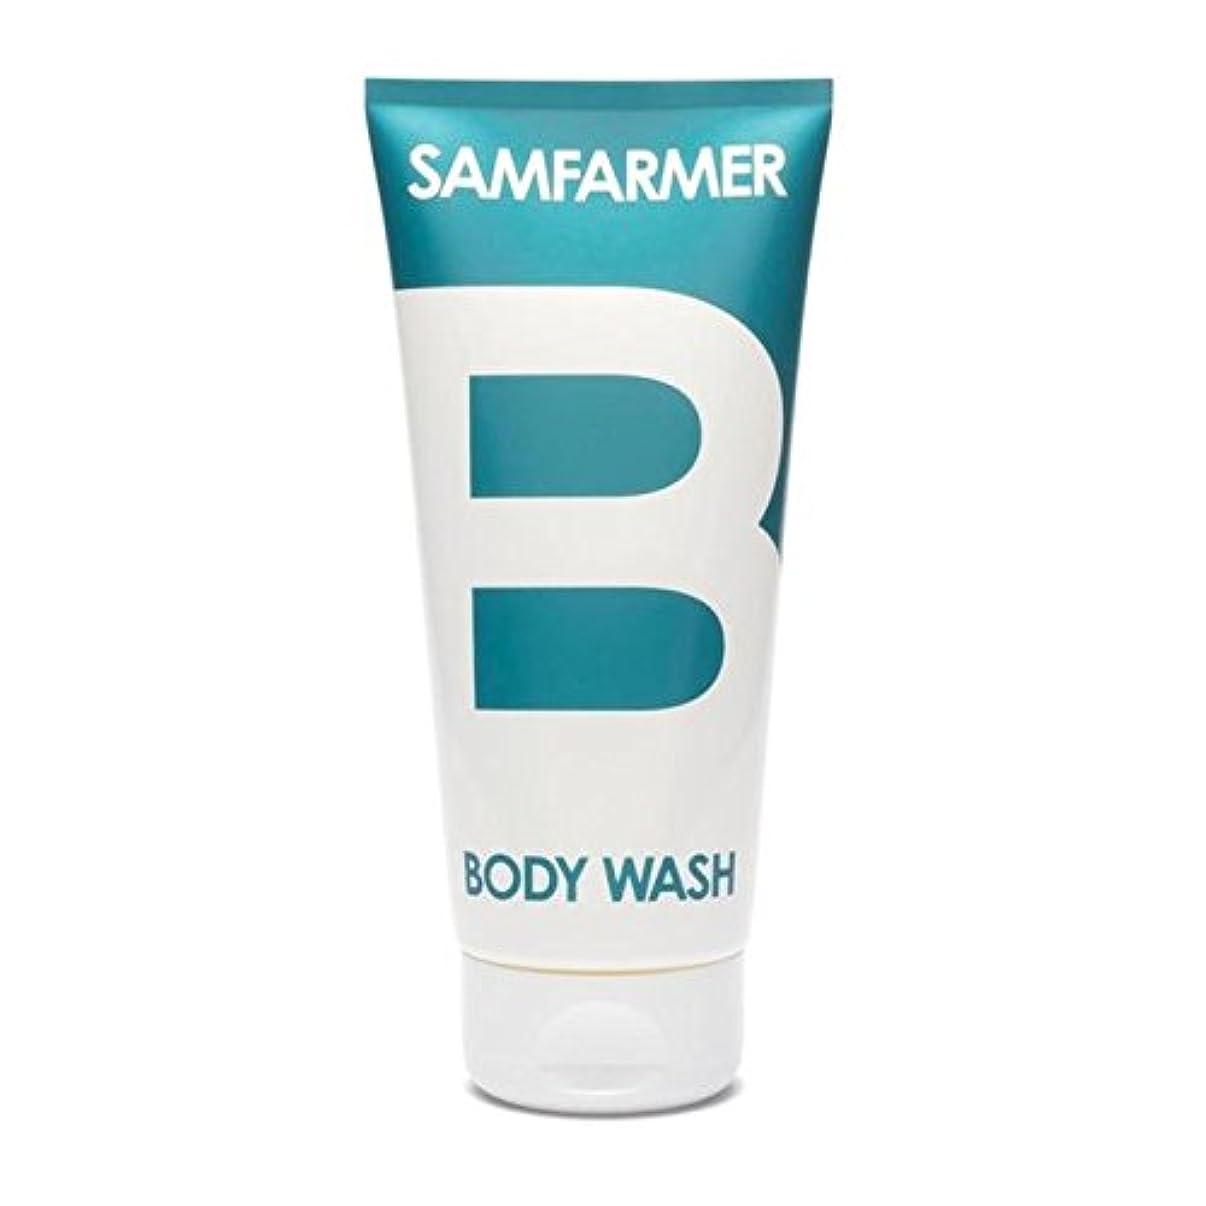 誰かパキスタン魅力SAMFARMER Unisex Body Wash 200ml - ユニセックスボディウォッシュ200ミリリットル [並行輸入品]